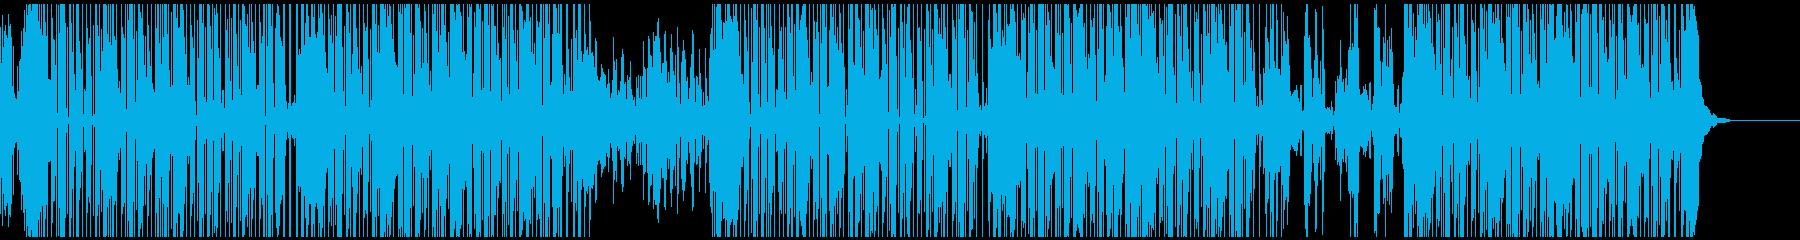 宇宙的な雰囲気のスーペースファンクの再生済みの波形